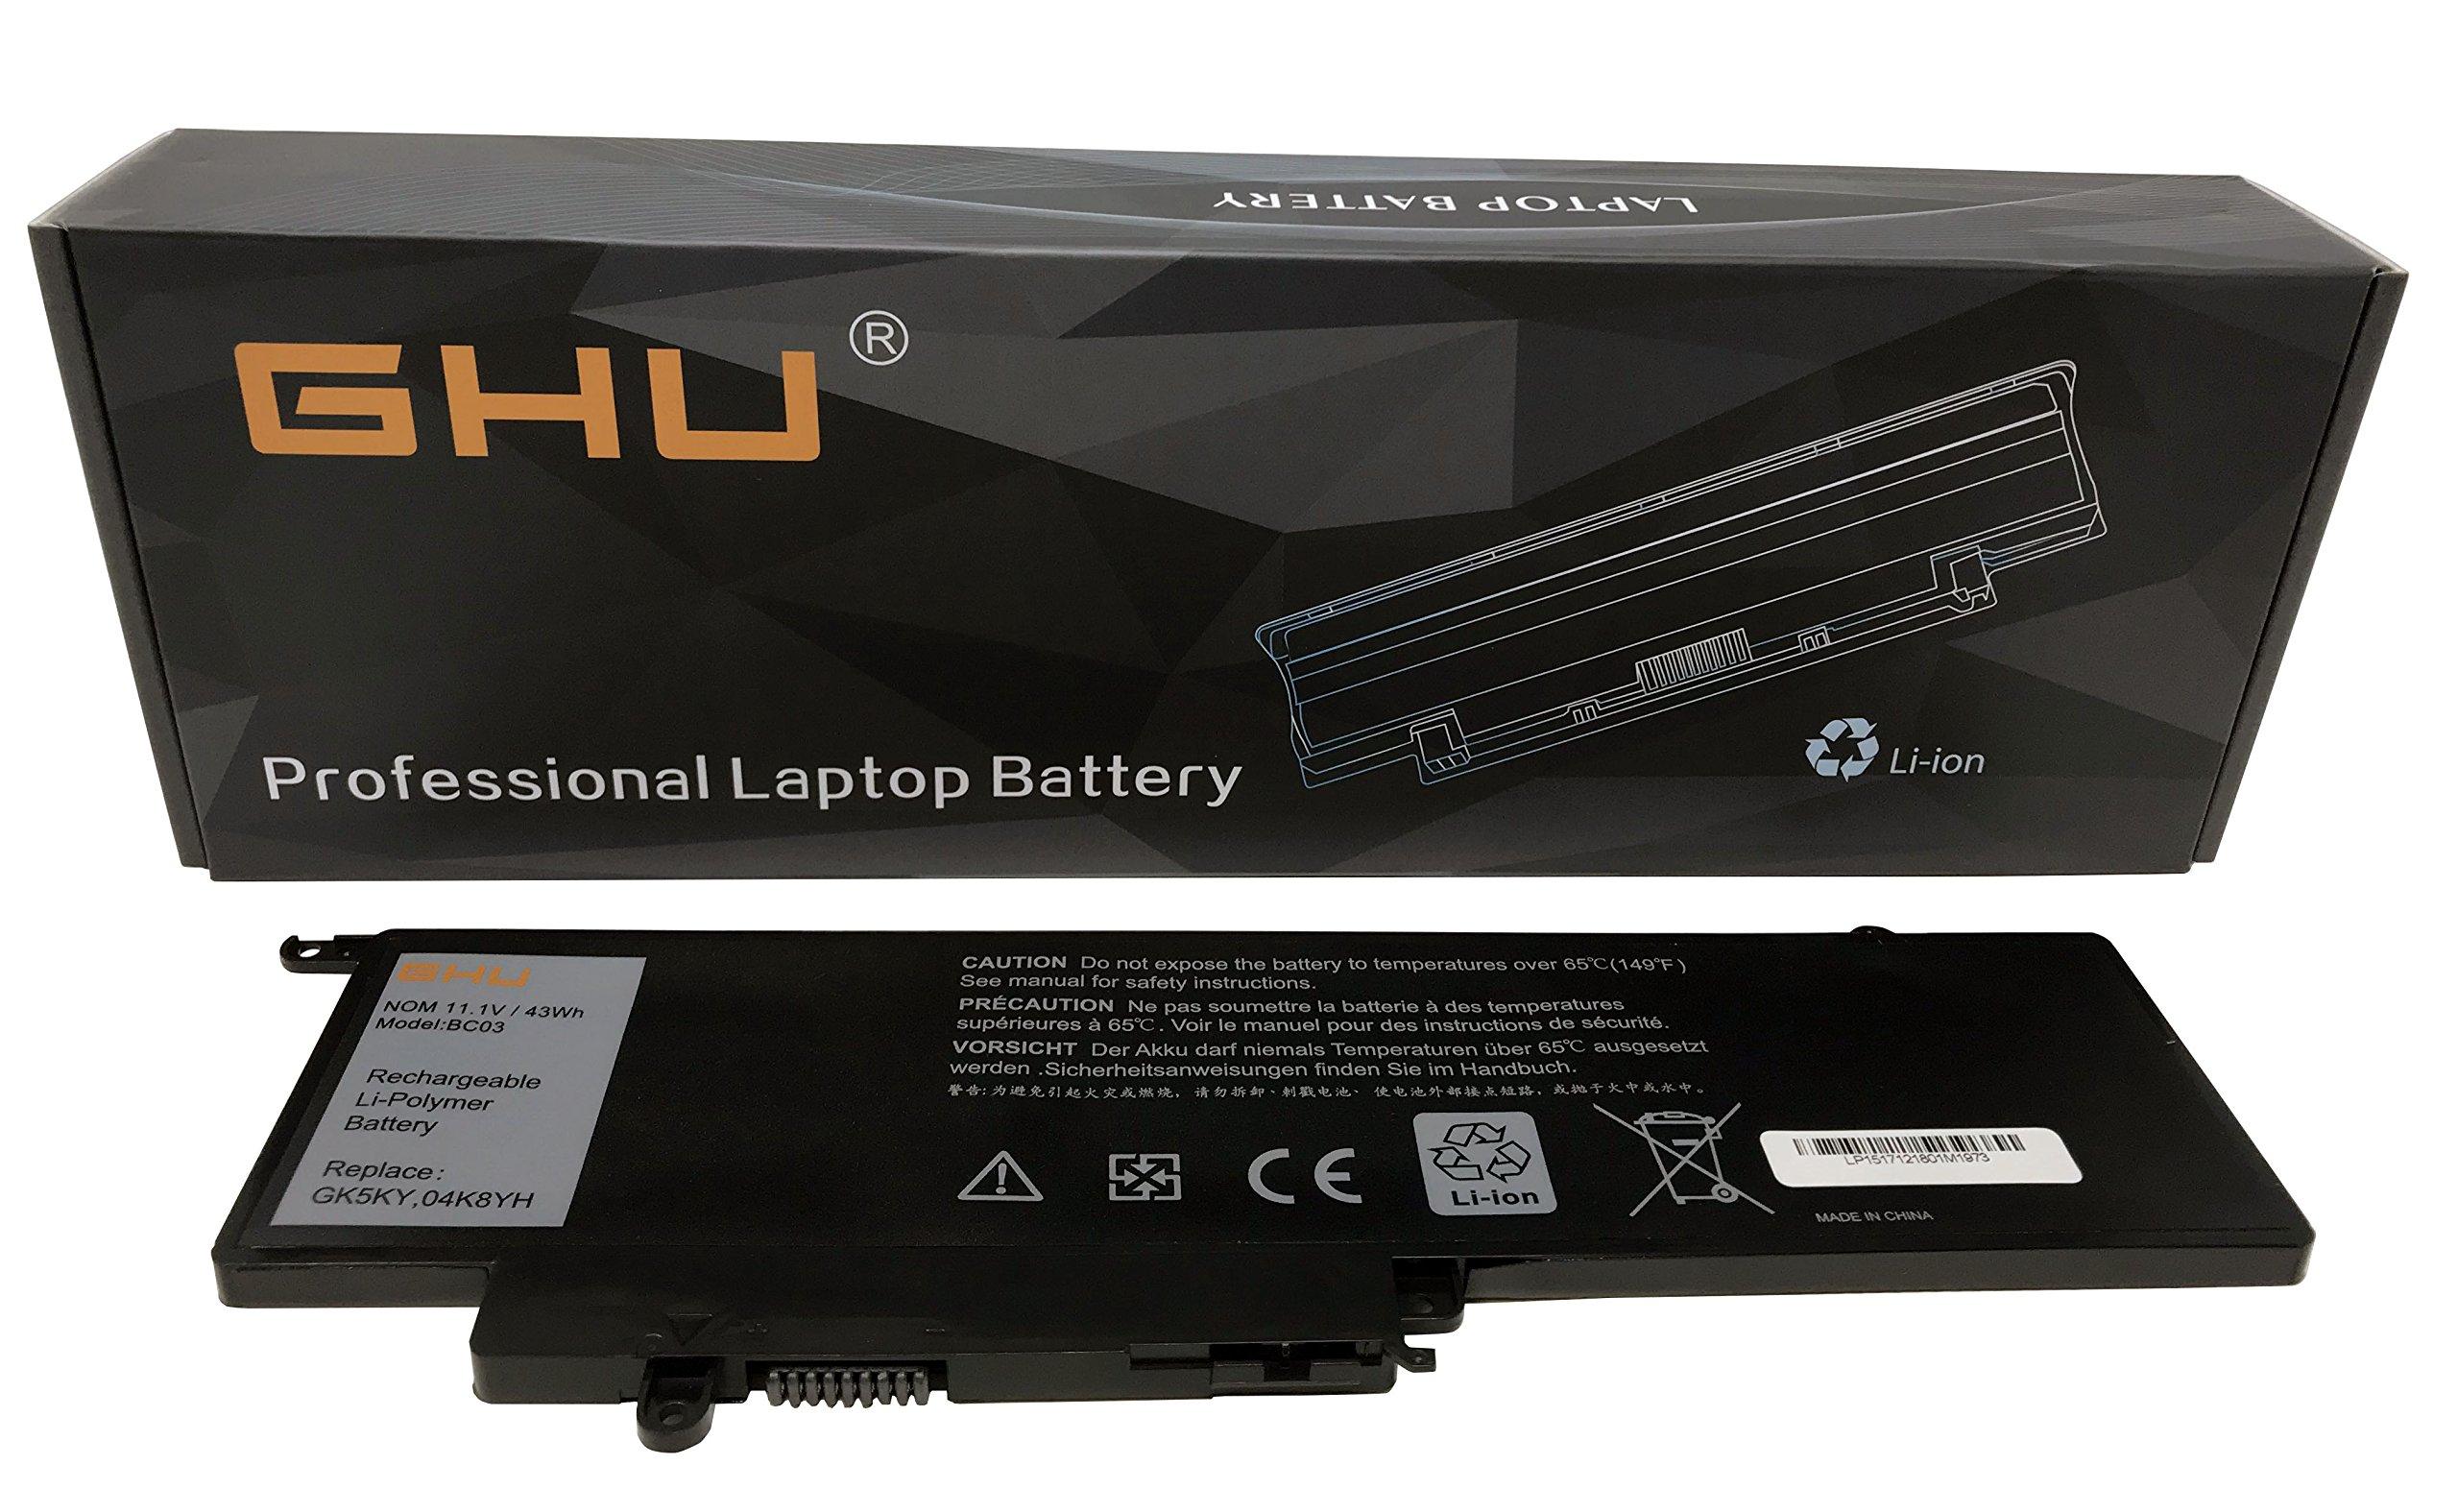 Bateria 43wh 11.1v Para Gk5ky 92nct 04k8yh 0wf28 4k8yh 092nct 92nct Compatible Dell Inspiron 13 7347 7348 7352 Dell Insp